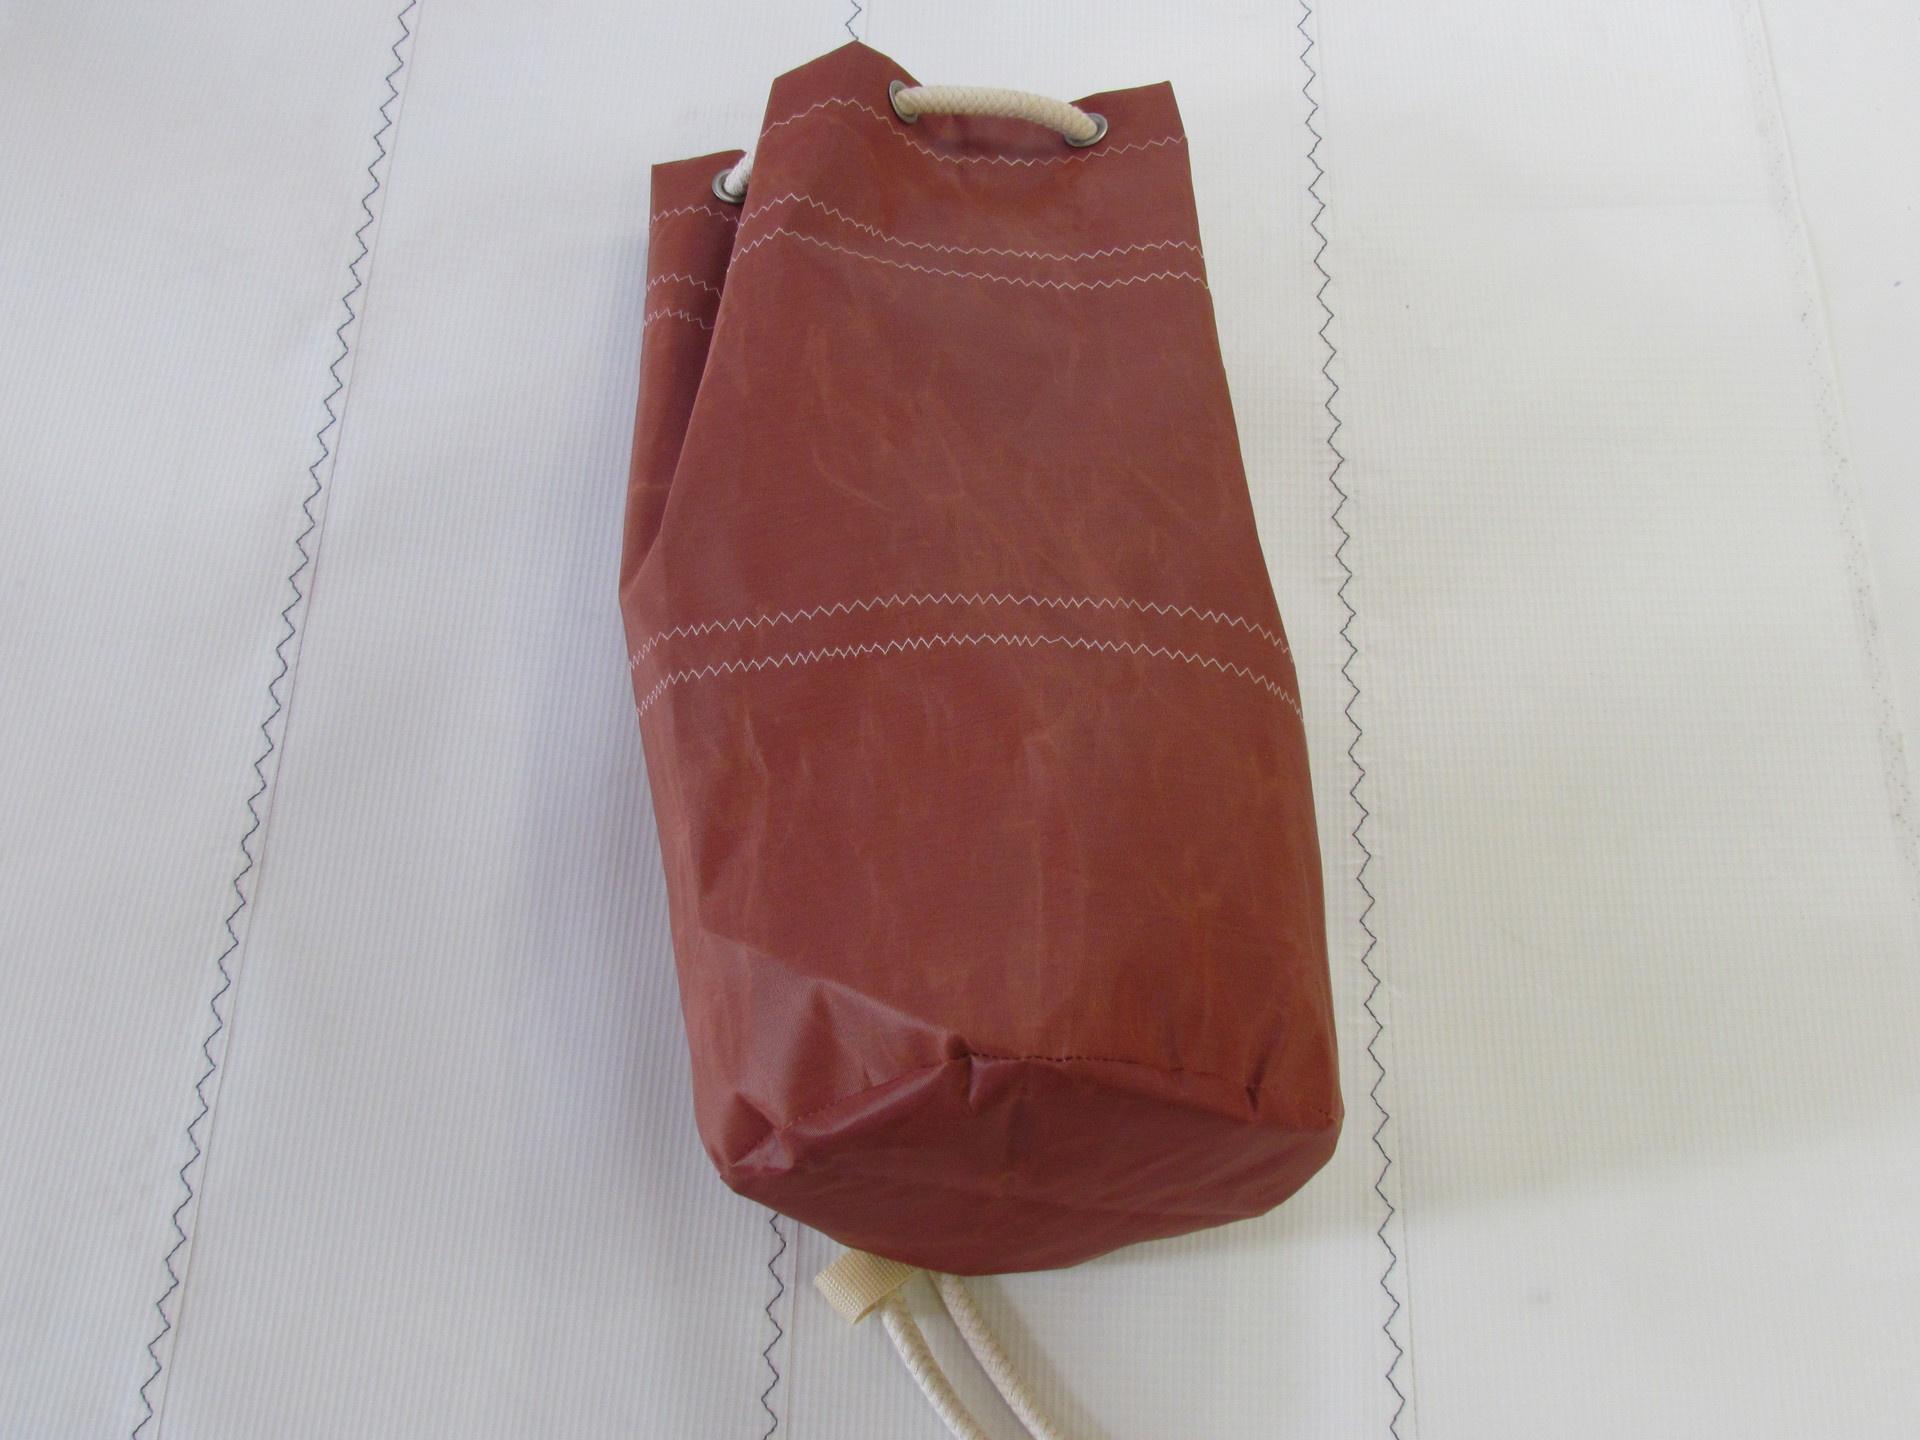 Medium Sailcloth Duffel Bag - Tan